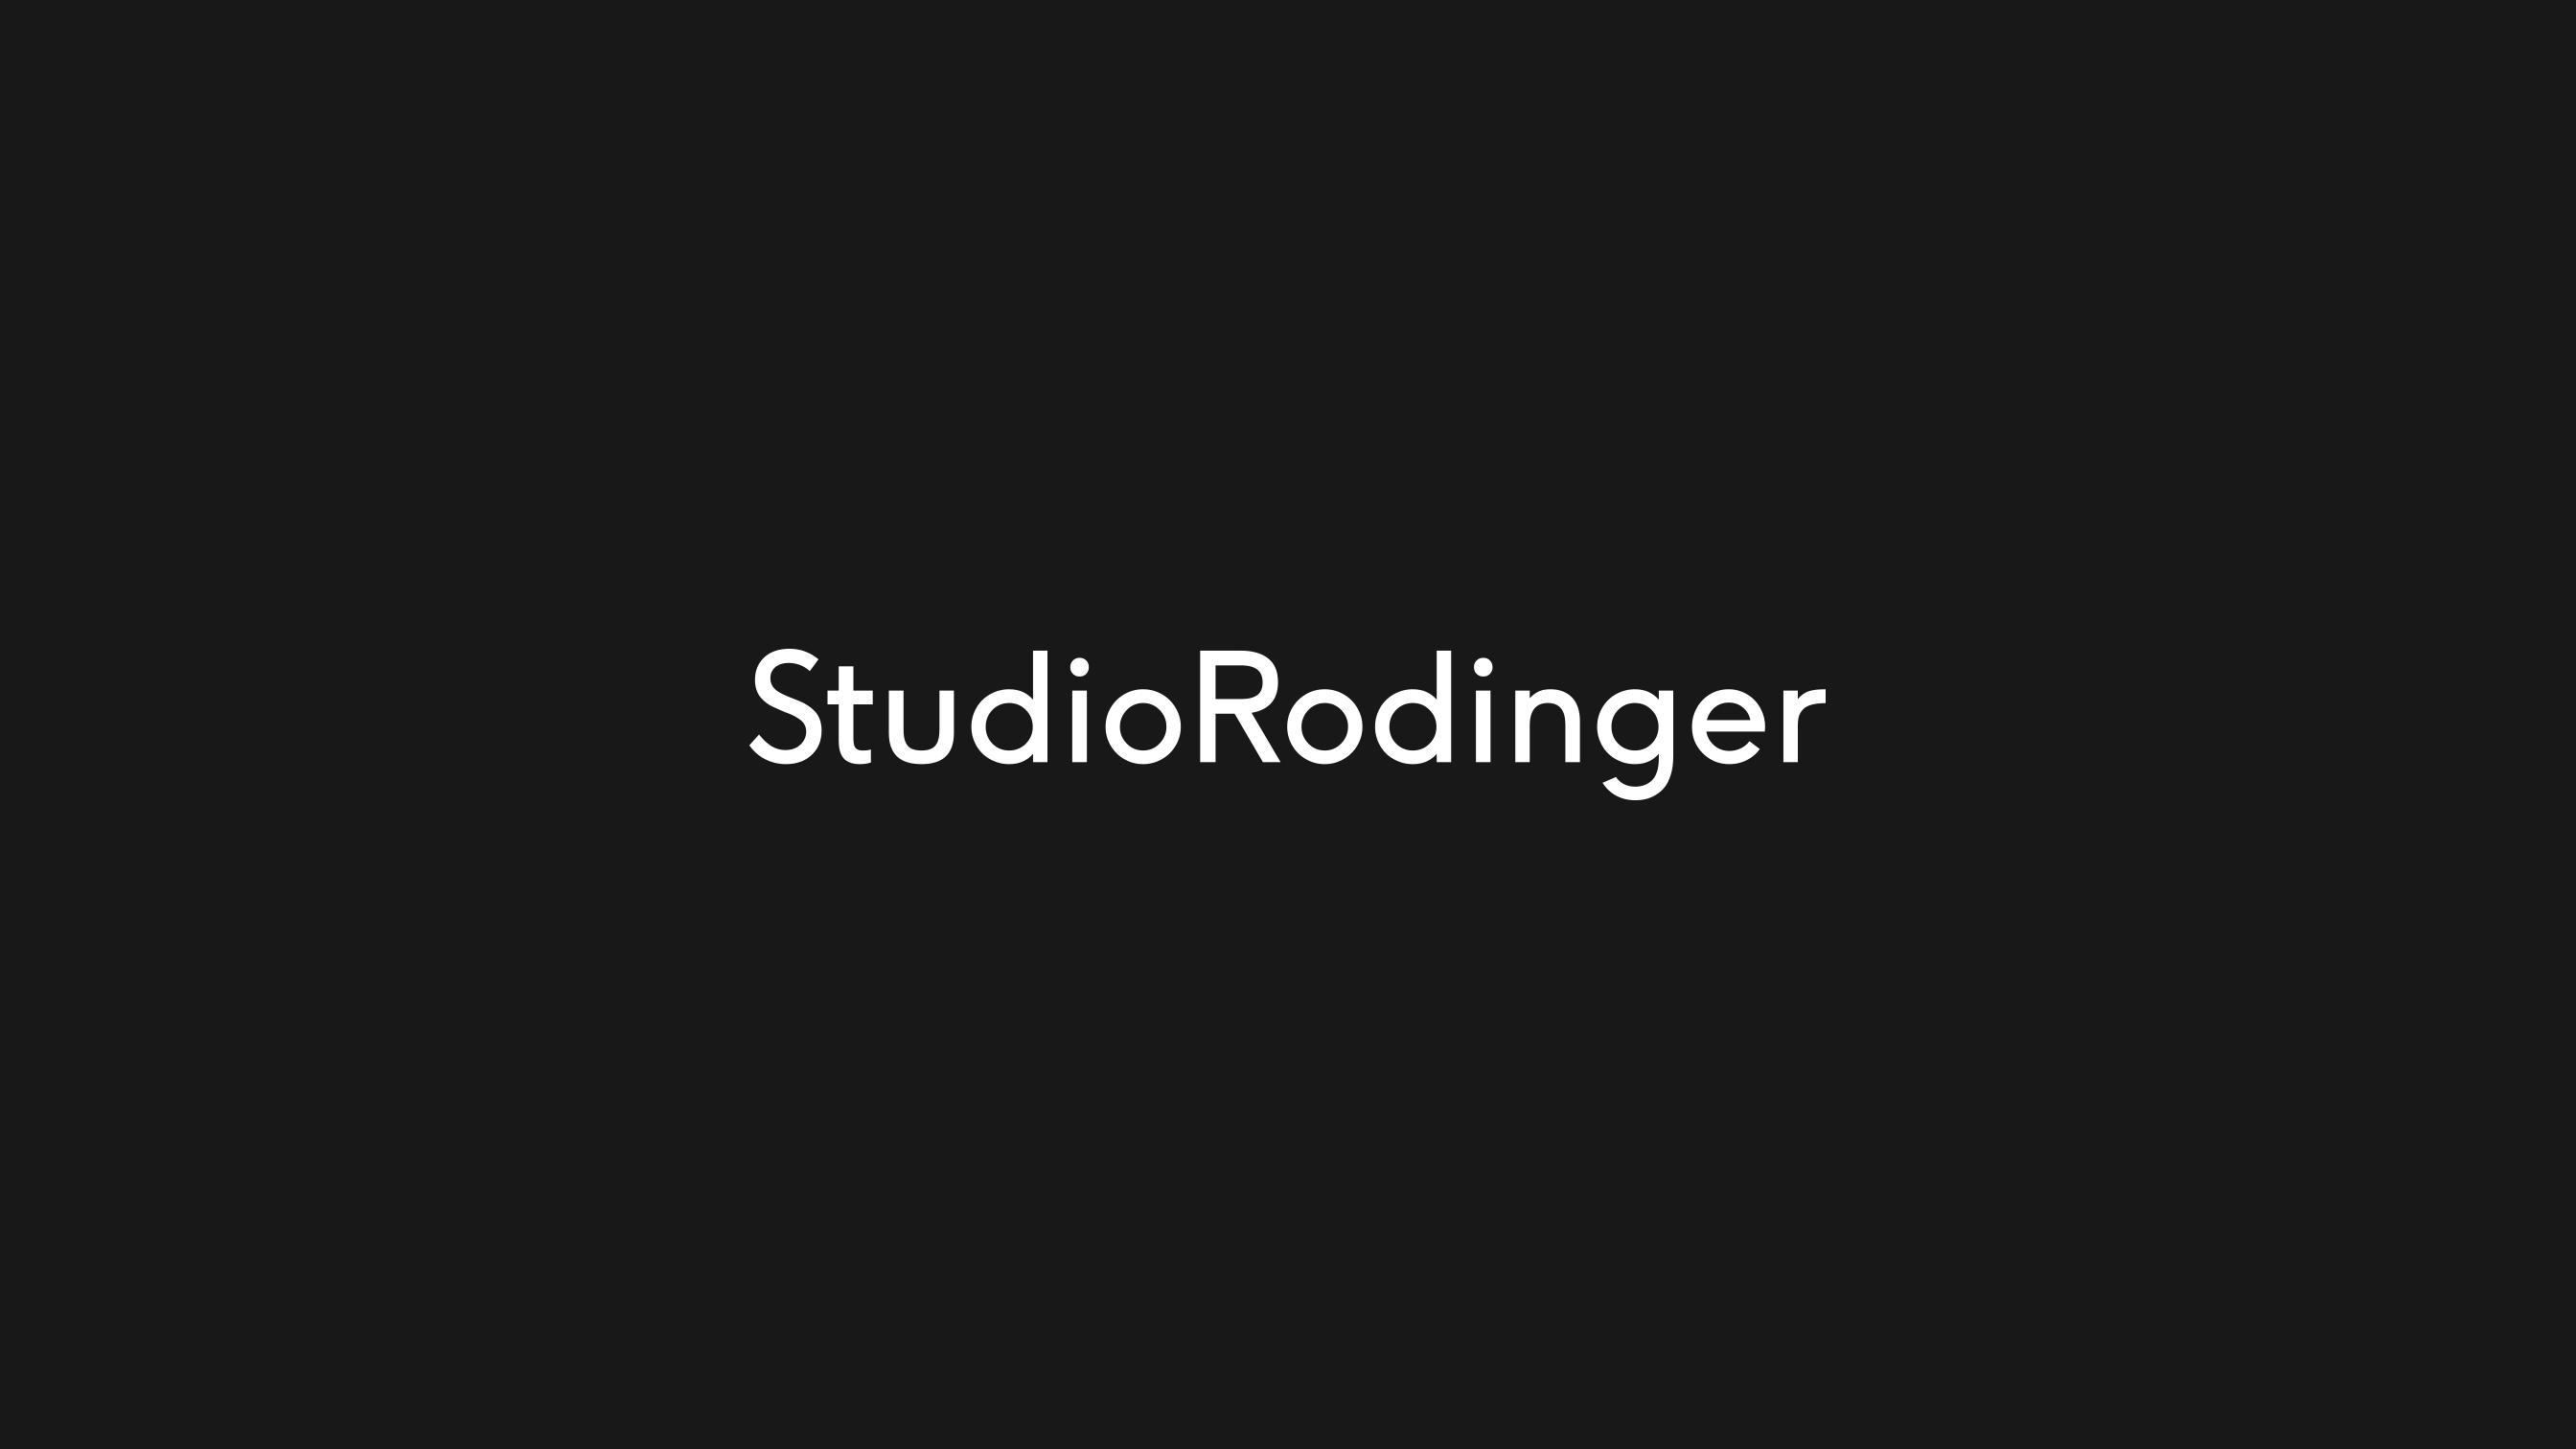 showcase-logotype-rodinger-02